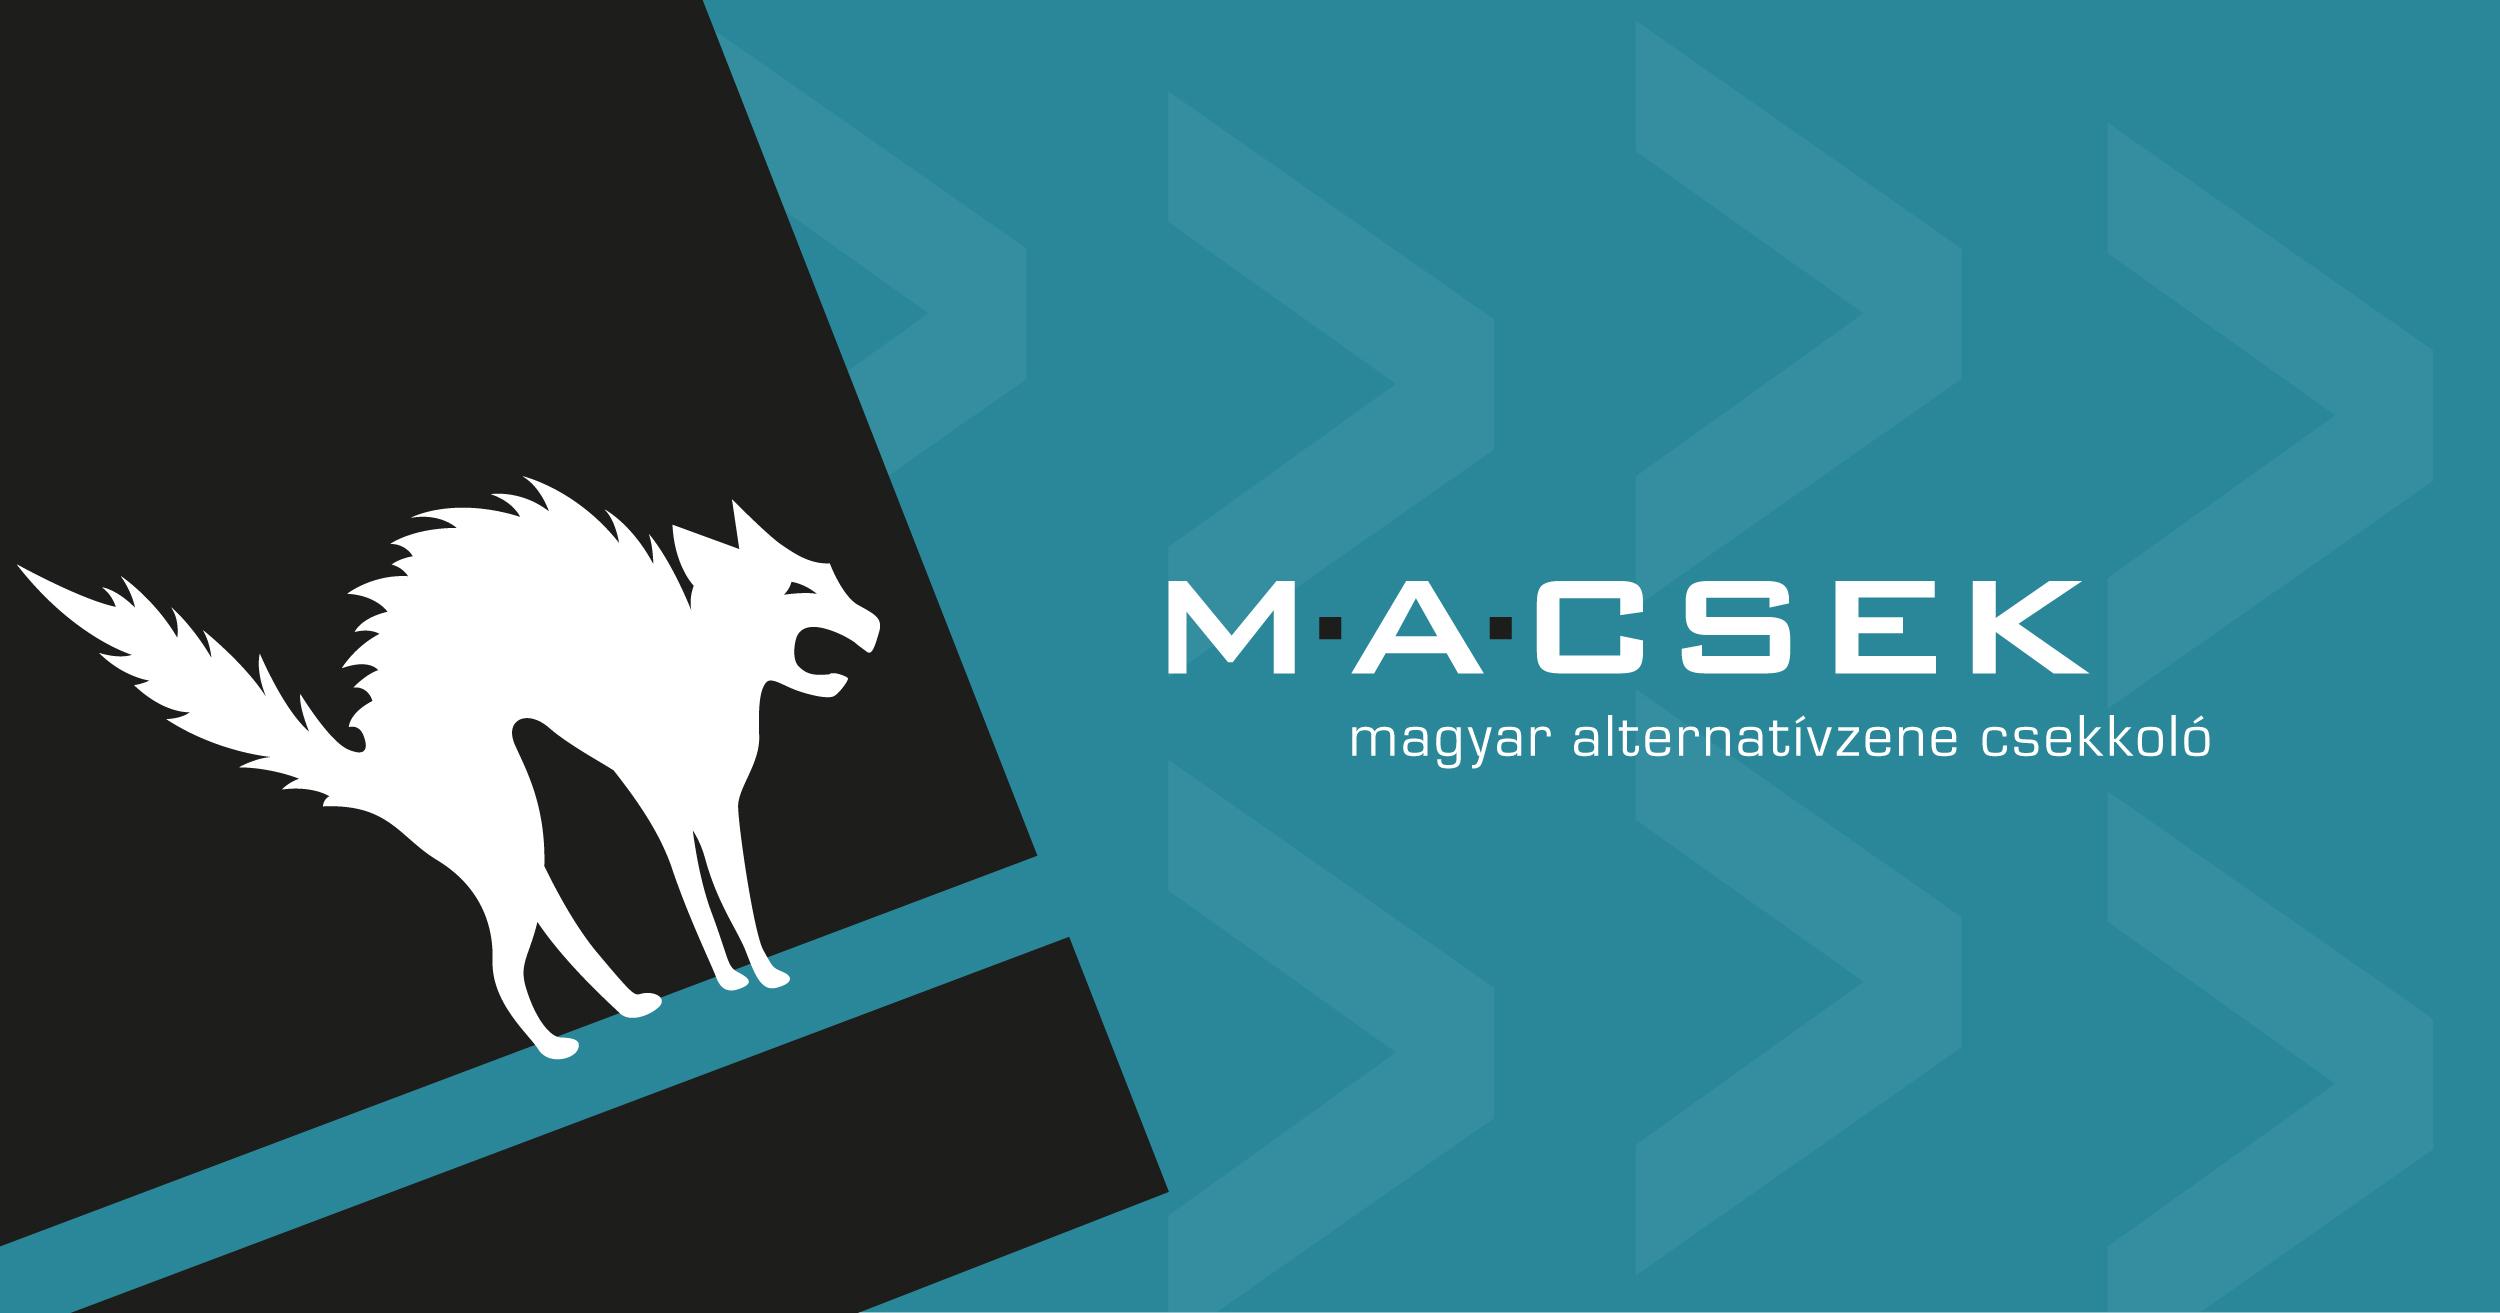 macsek_default_kep_1200x630.jpg